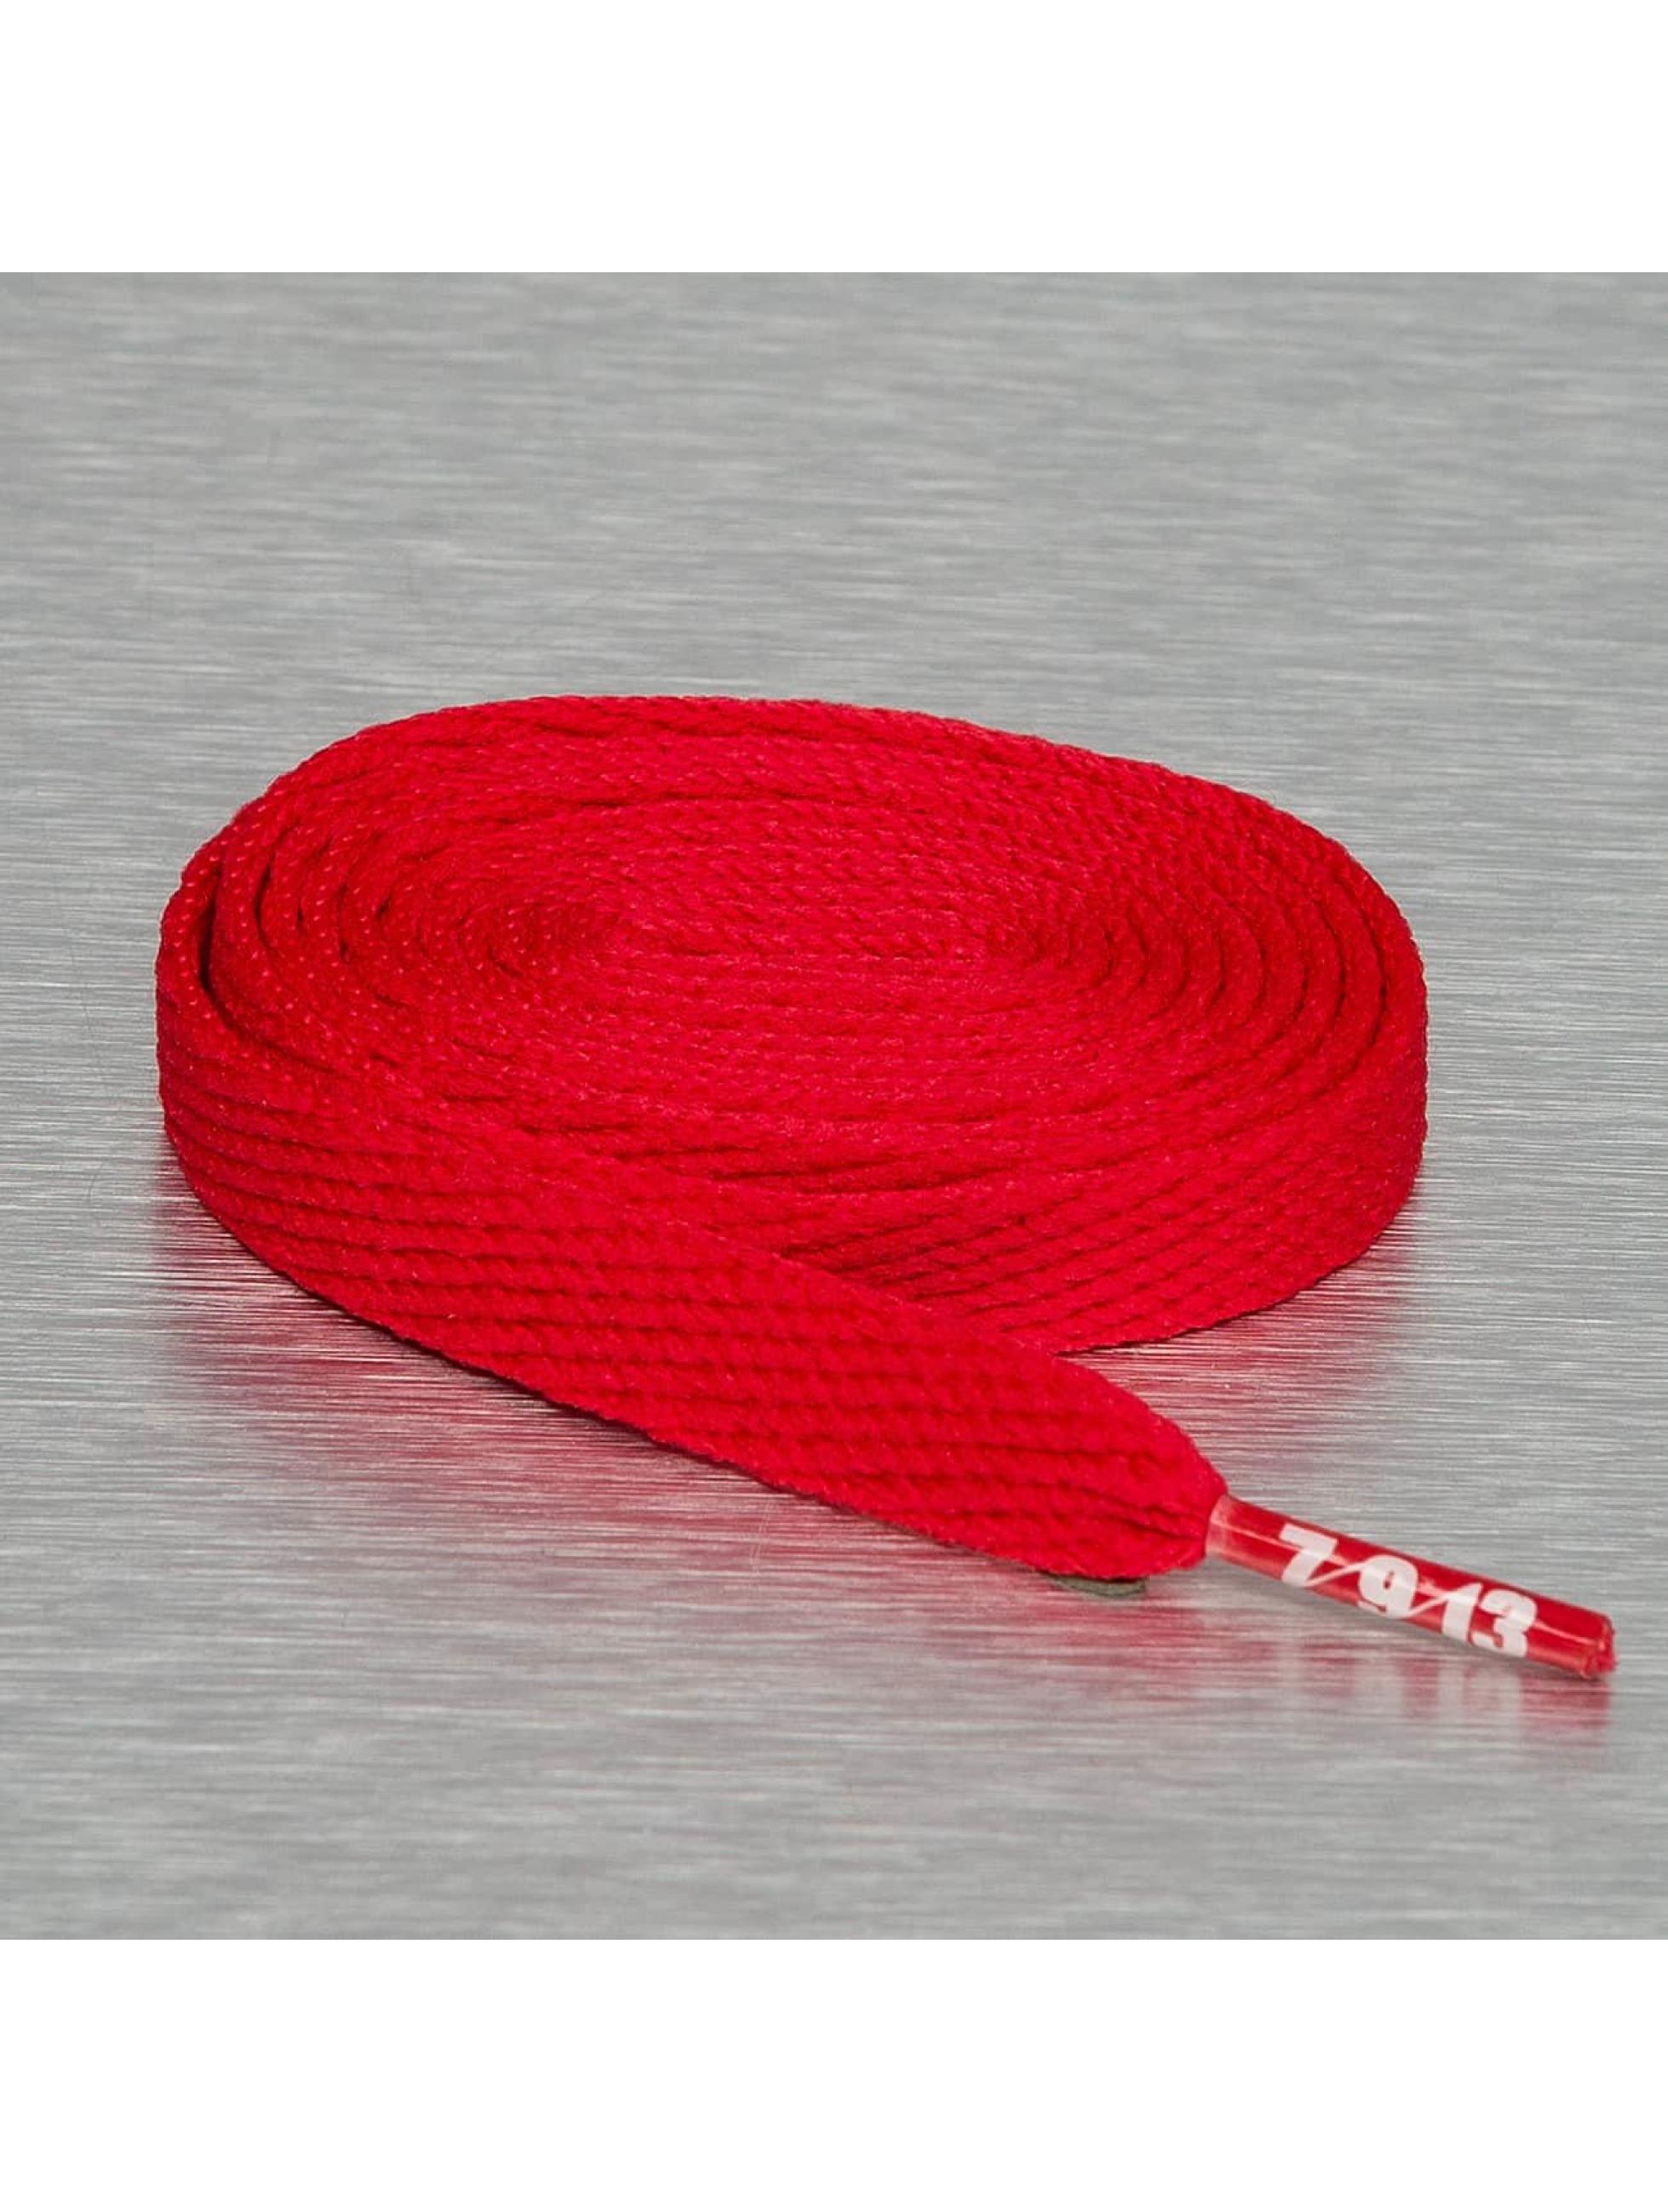 Seven Nine 13 Accesoria de zapatos Hard Candy Flat rojo